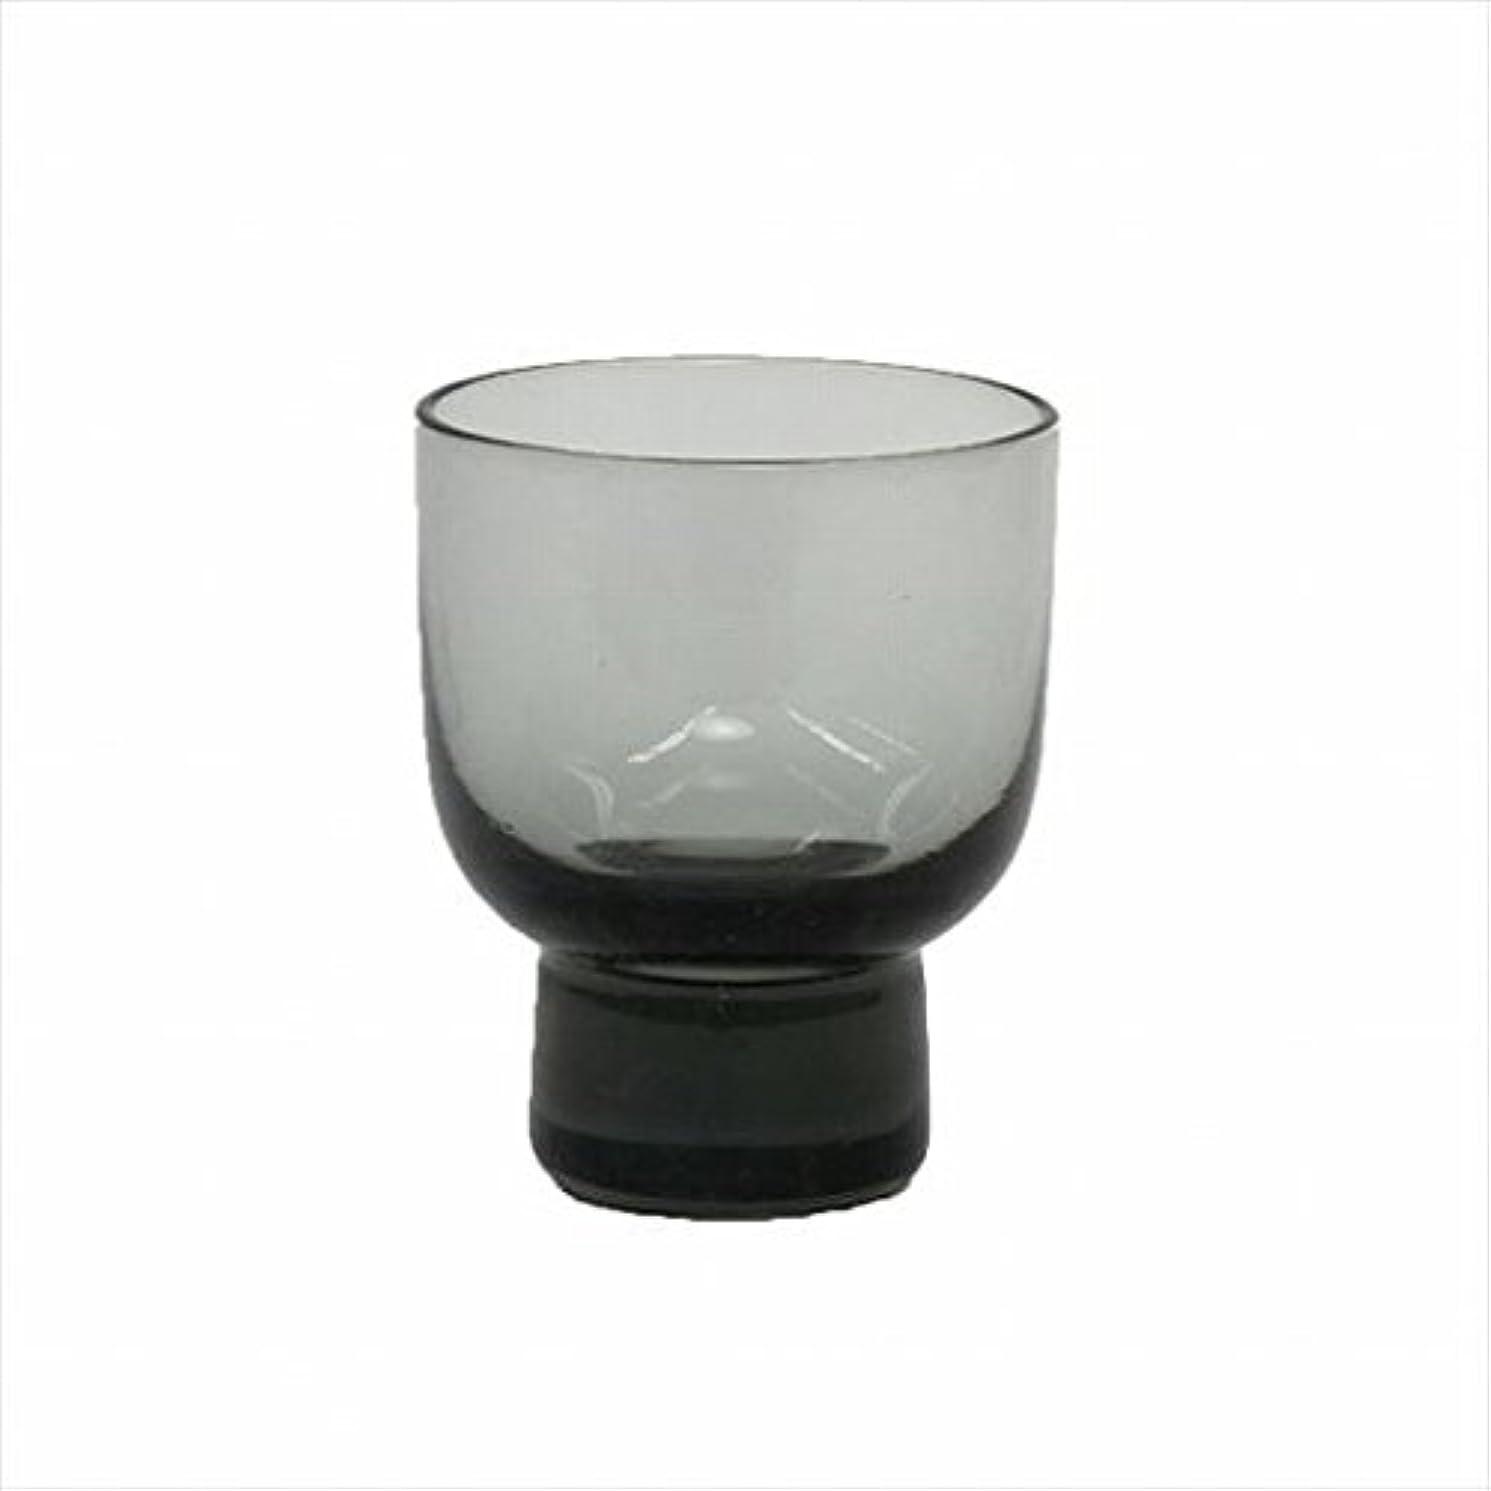 販売計画付けるアブストラクトカメヤマキャンドル(kameyama candle) ロキカップ 「 スモーク 」